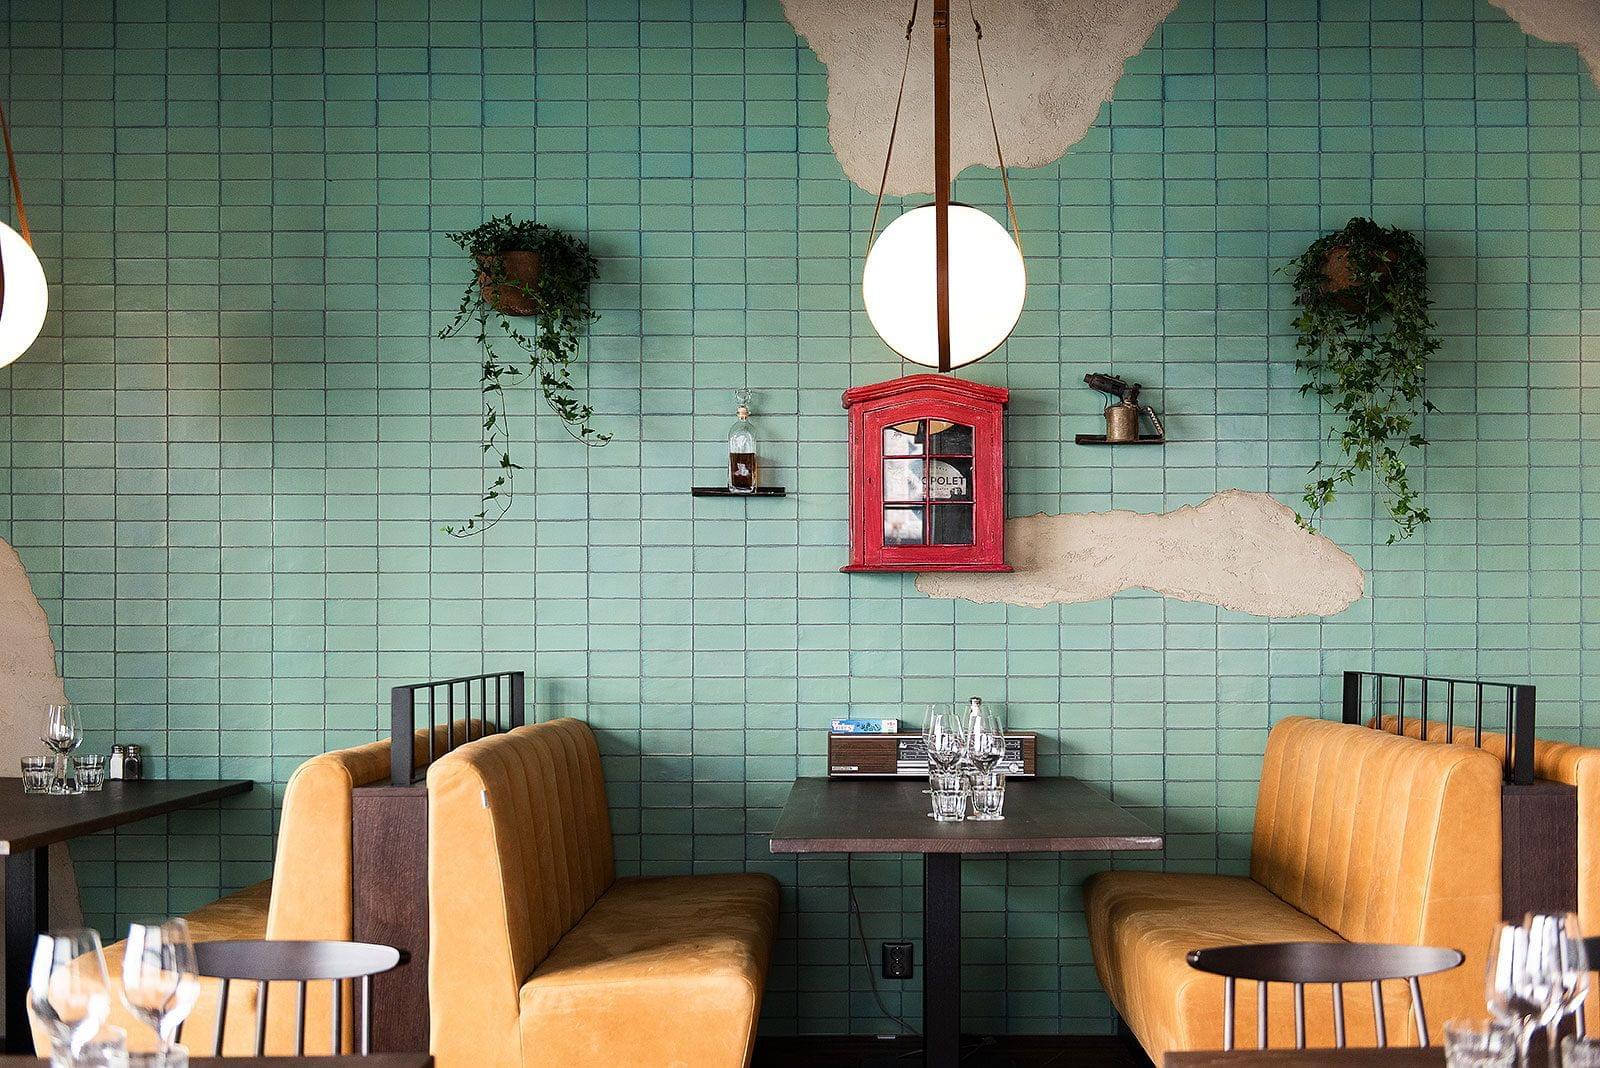 Inomhus, stolar, bord